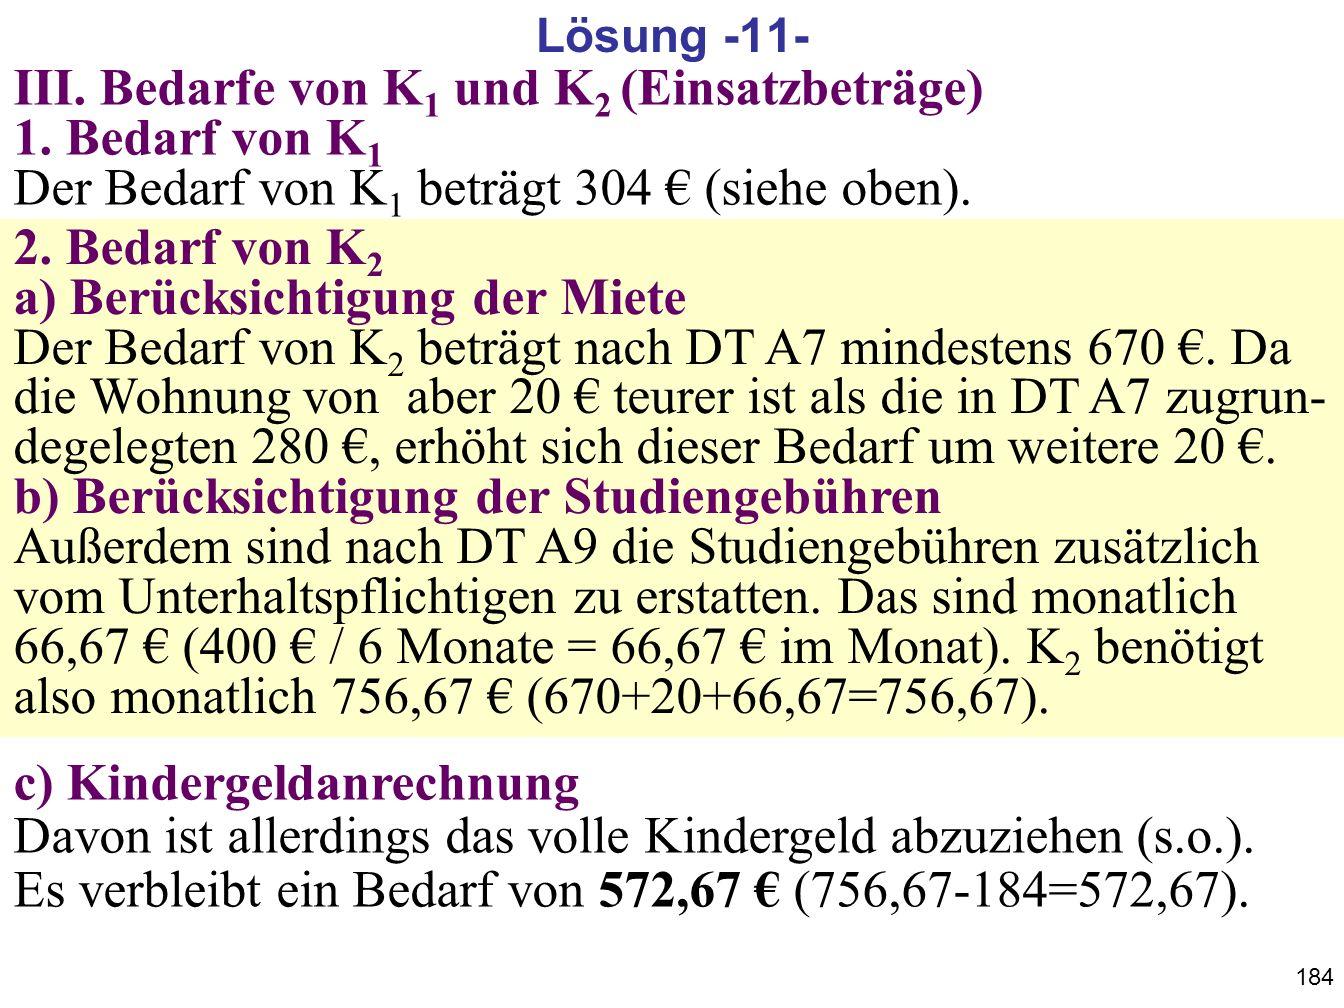 Lösung -11- III. Bedarfe von K1 und K2 (Einsatzbeträge) 1. Bedarf von K1 Der Bedarf von K1 beträgt 304 € (siehe oben).